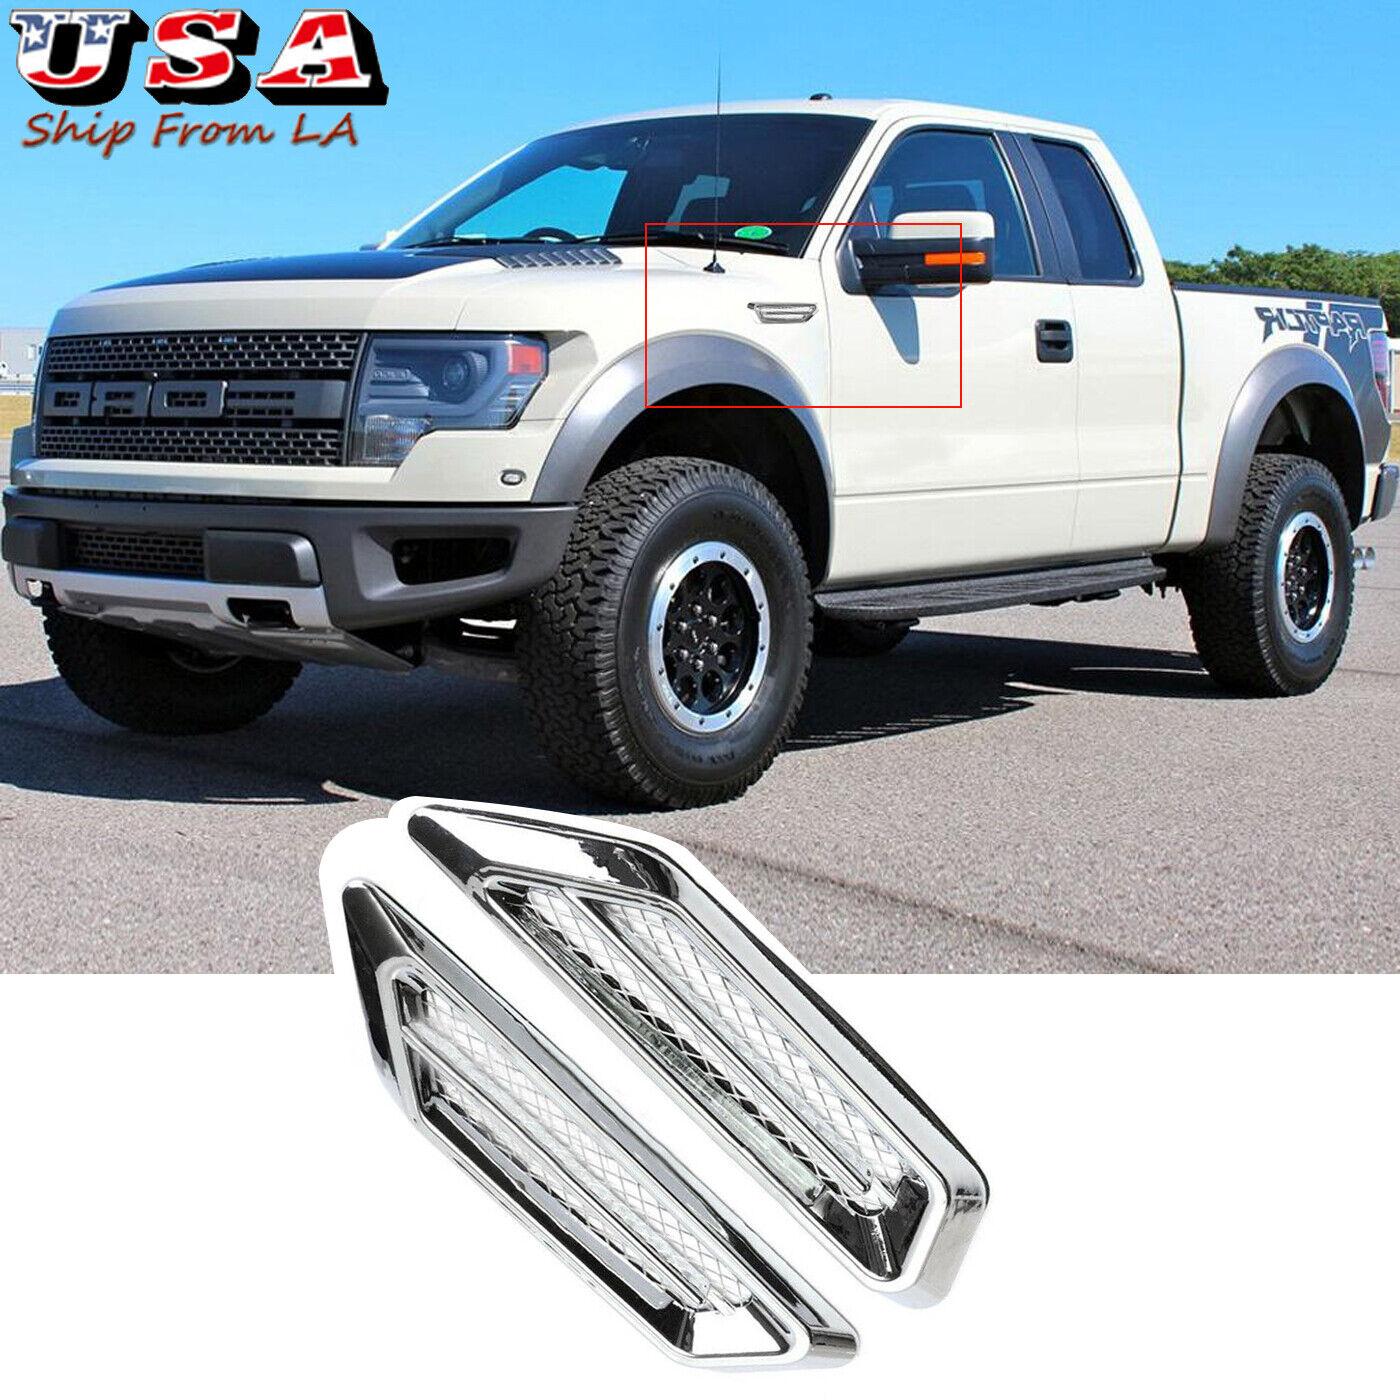 2x Chrome Car SUV Truck Bumper Fender Air Flow Vent Decor Interior Exterior Trim